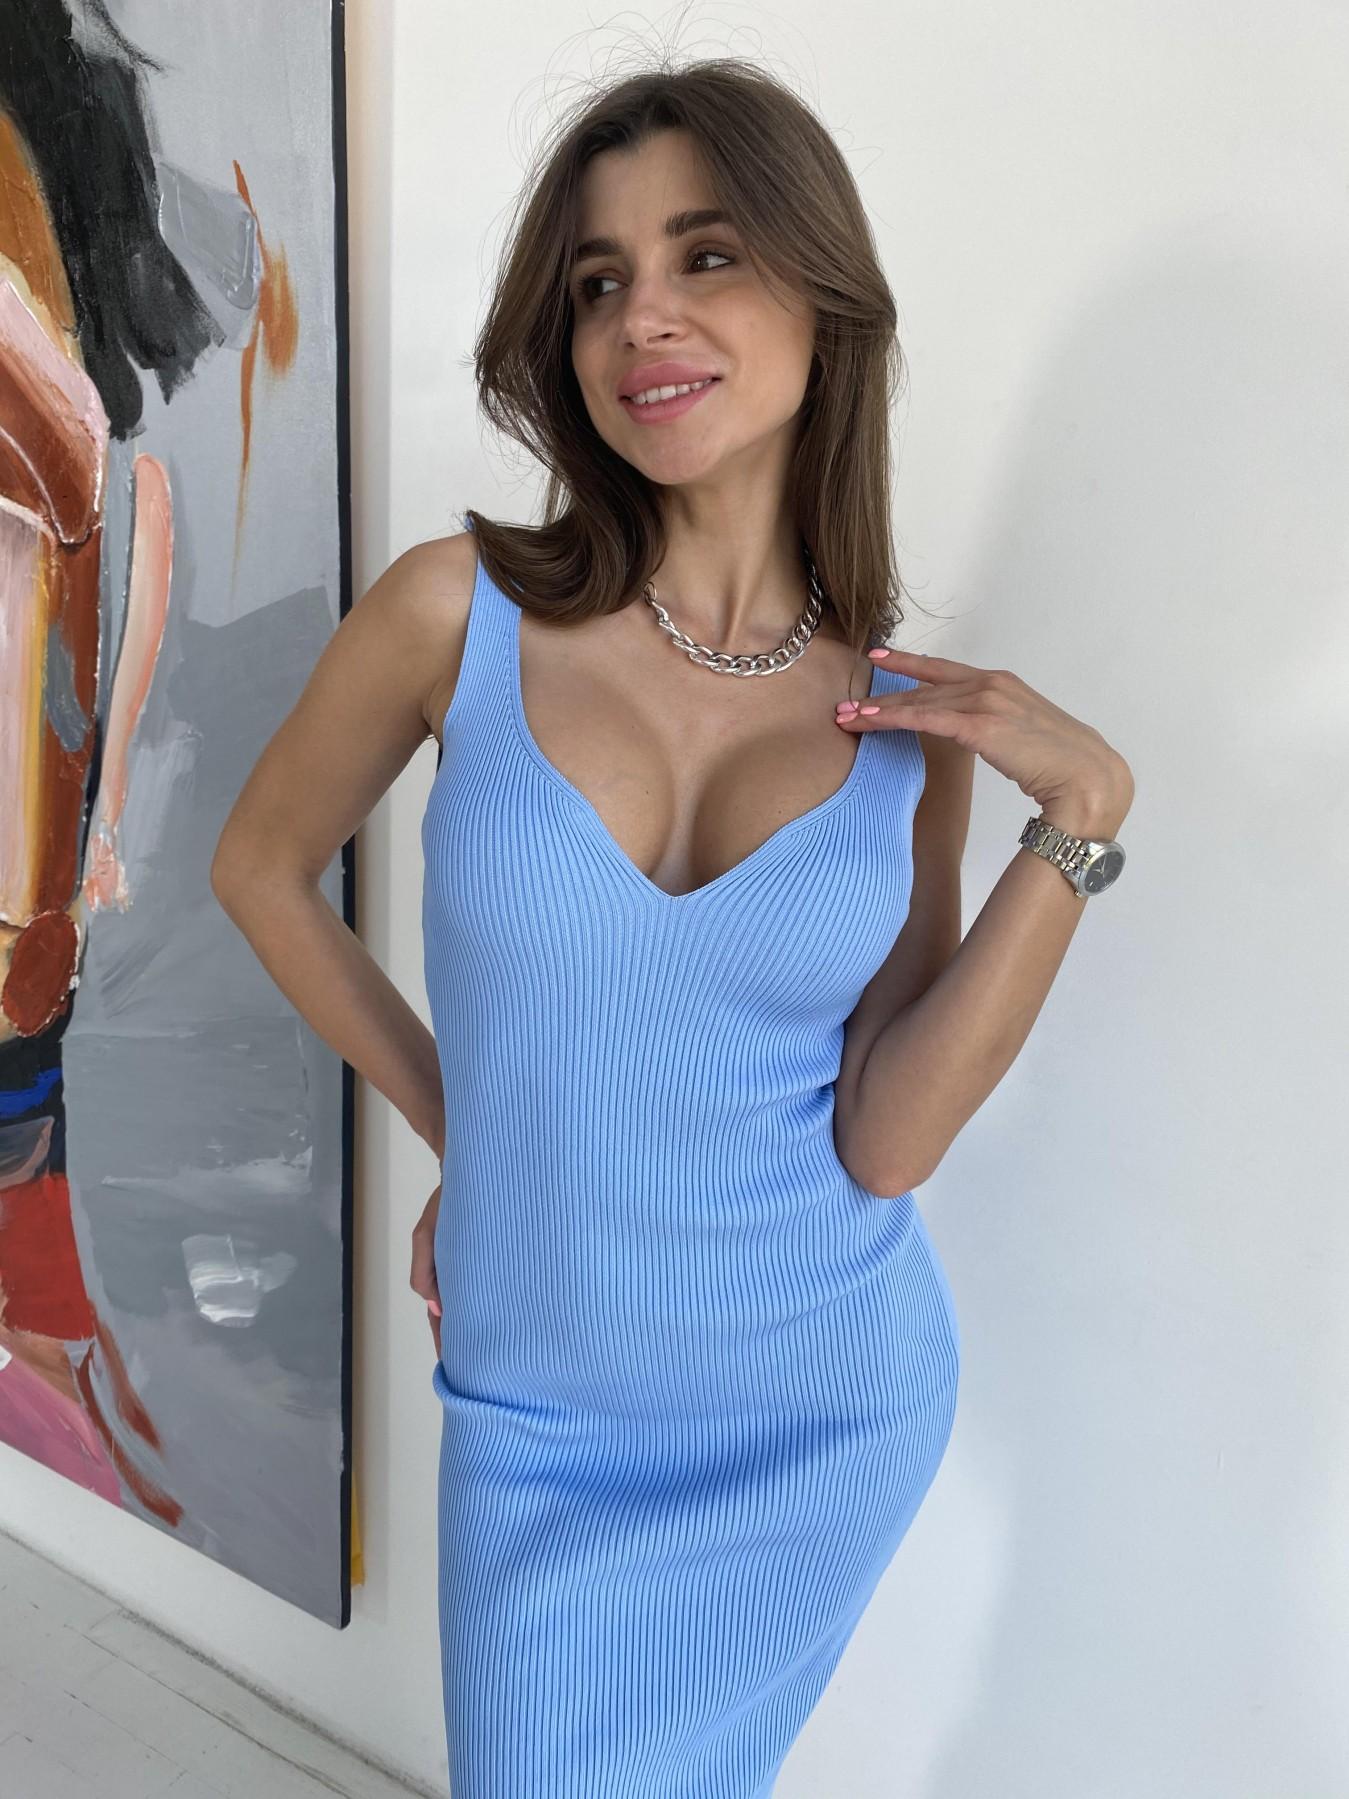 Платье 91798 АРТ. 48058 Цвет: Голубой - фото 11, интернет магазин tm-modus.ru